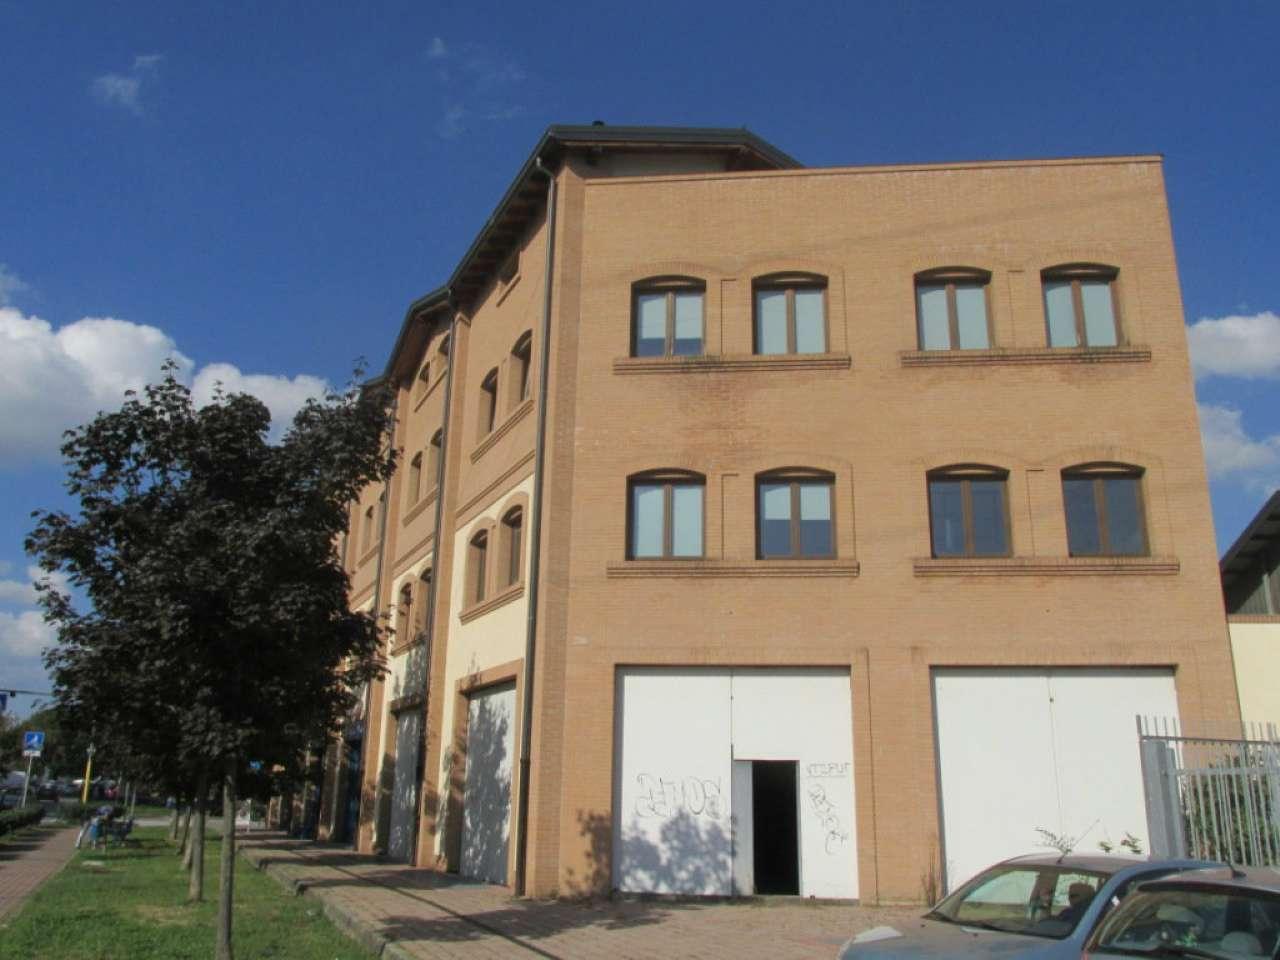 Negozio-locale in Affitto a Segrate: 5 locali, 200 mq